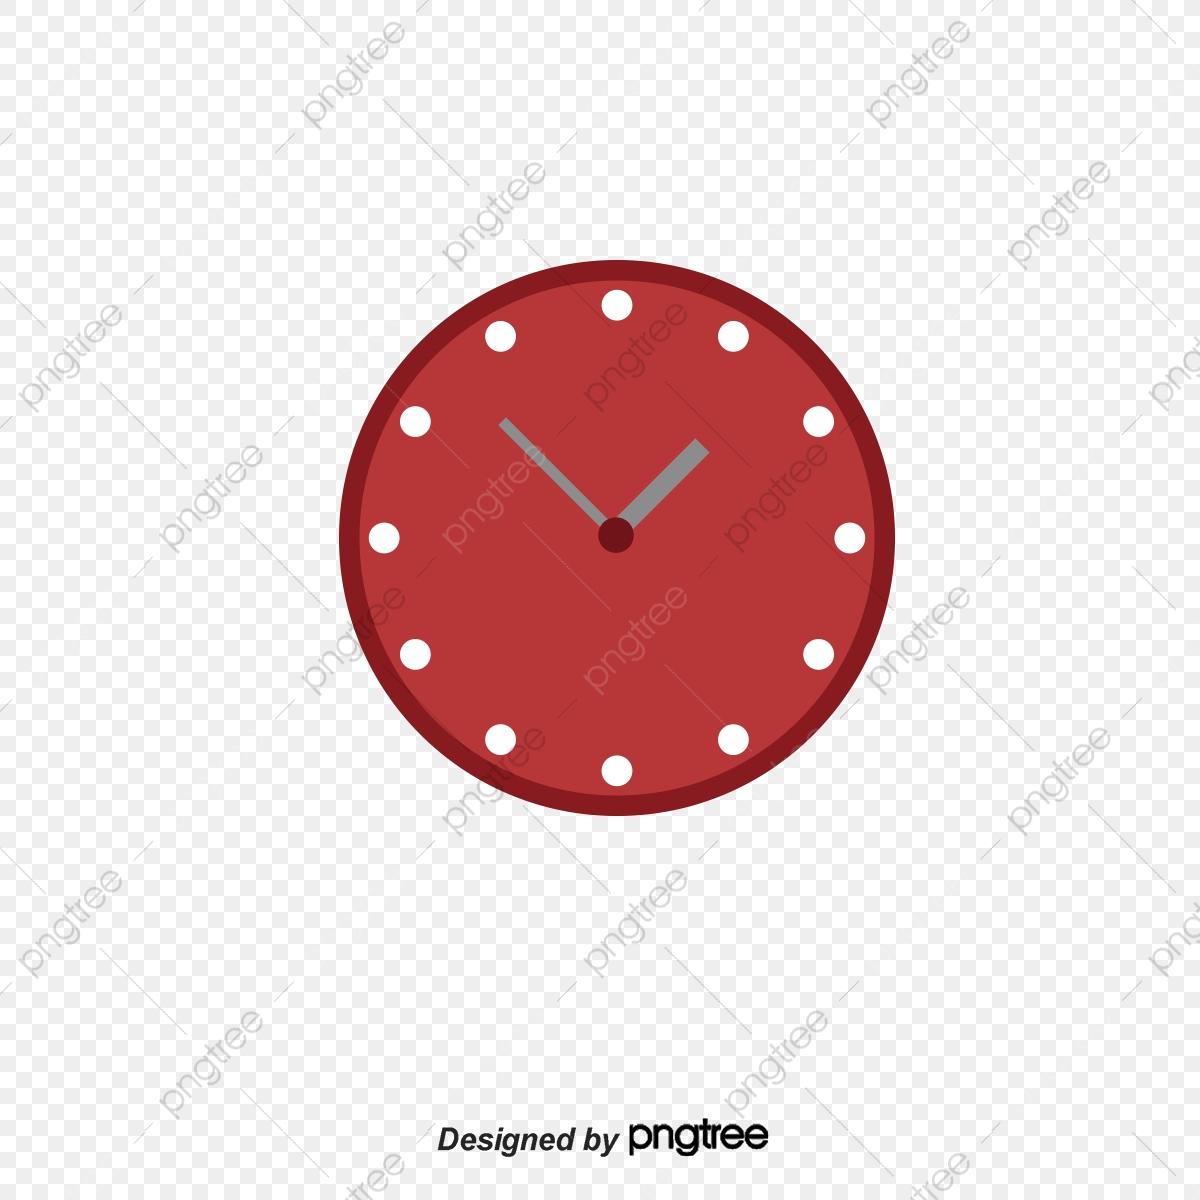 Rouge De Dessin D'horloge, Réveil, Horloge, La Surface De La tout Dessin D Horloge